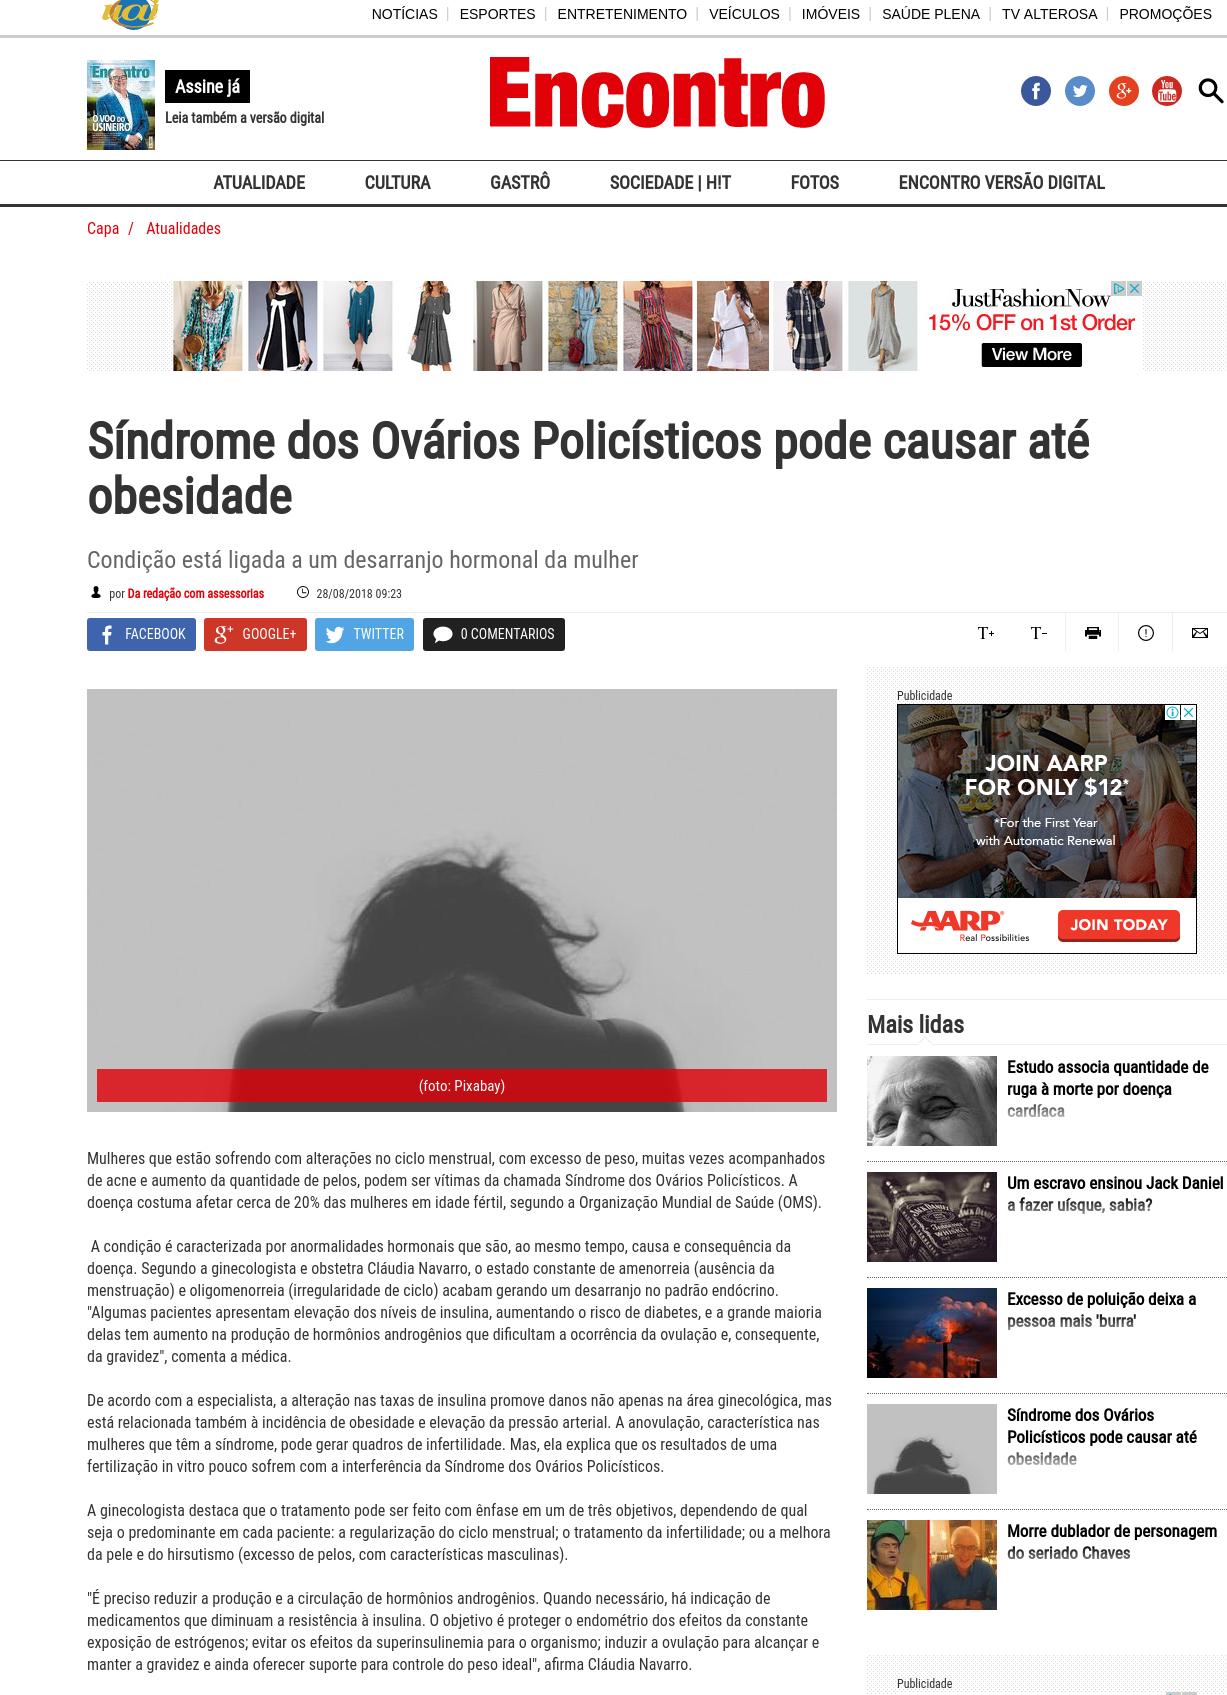 Revista Encontro (site e facebook) – A Síndrome dos Ovários Policísticos atinge 20% das mulheres em idade fértil